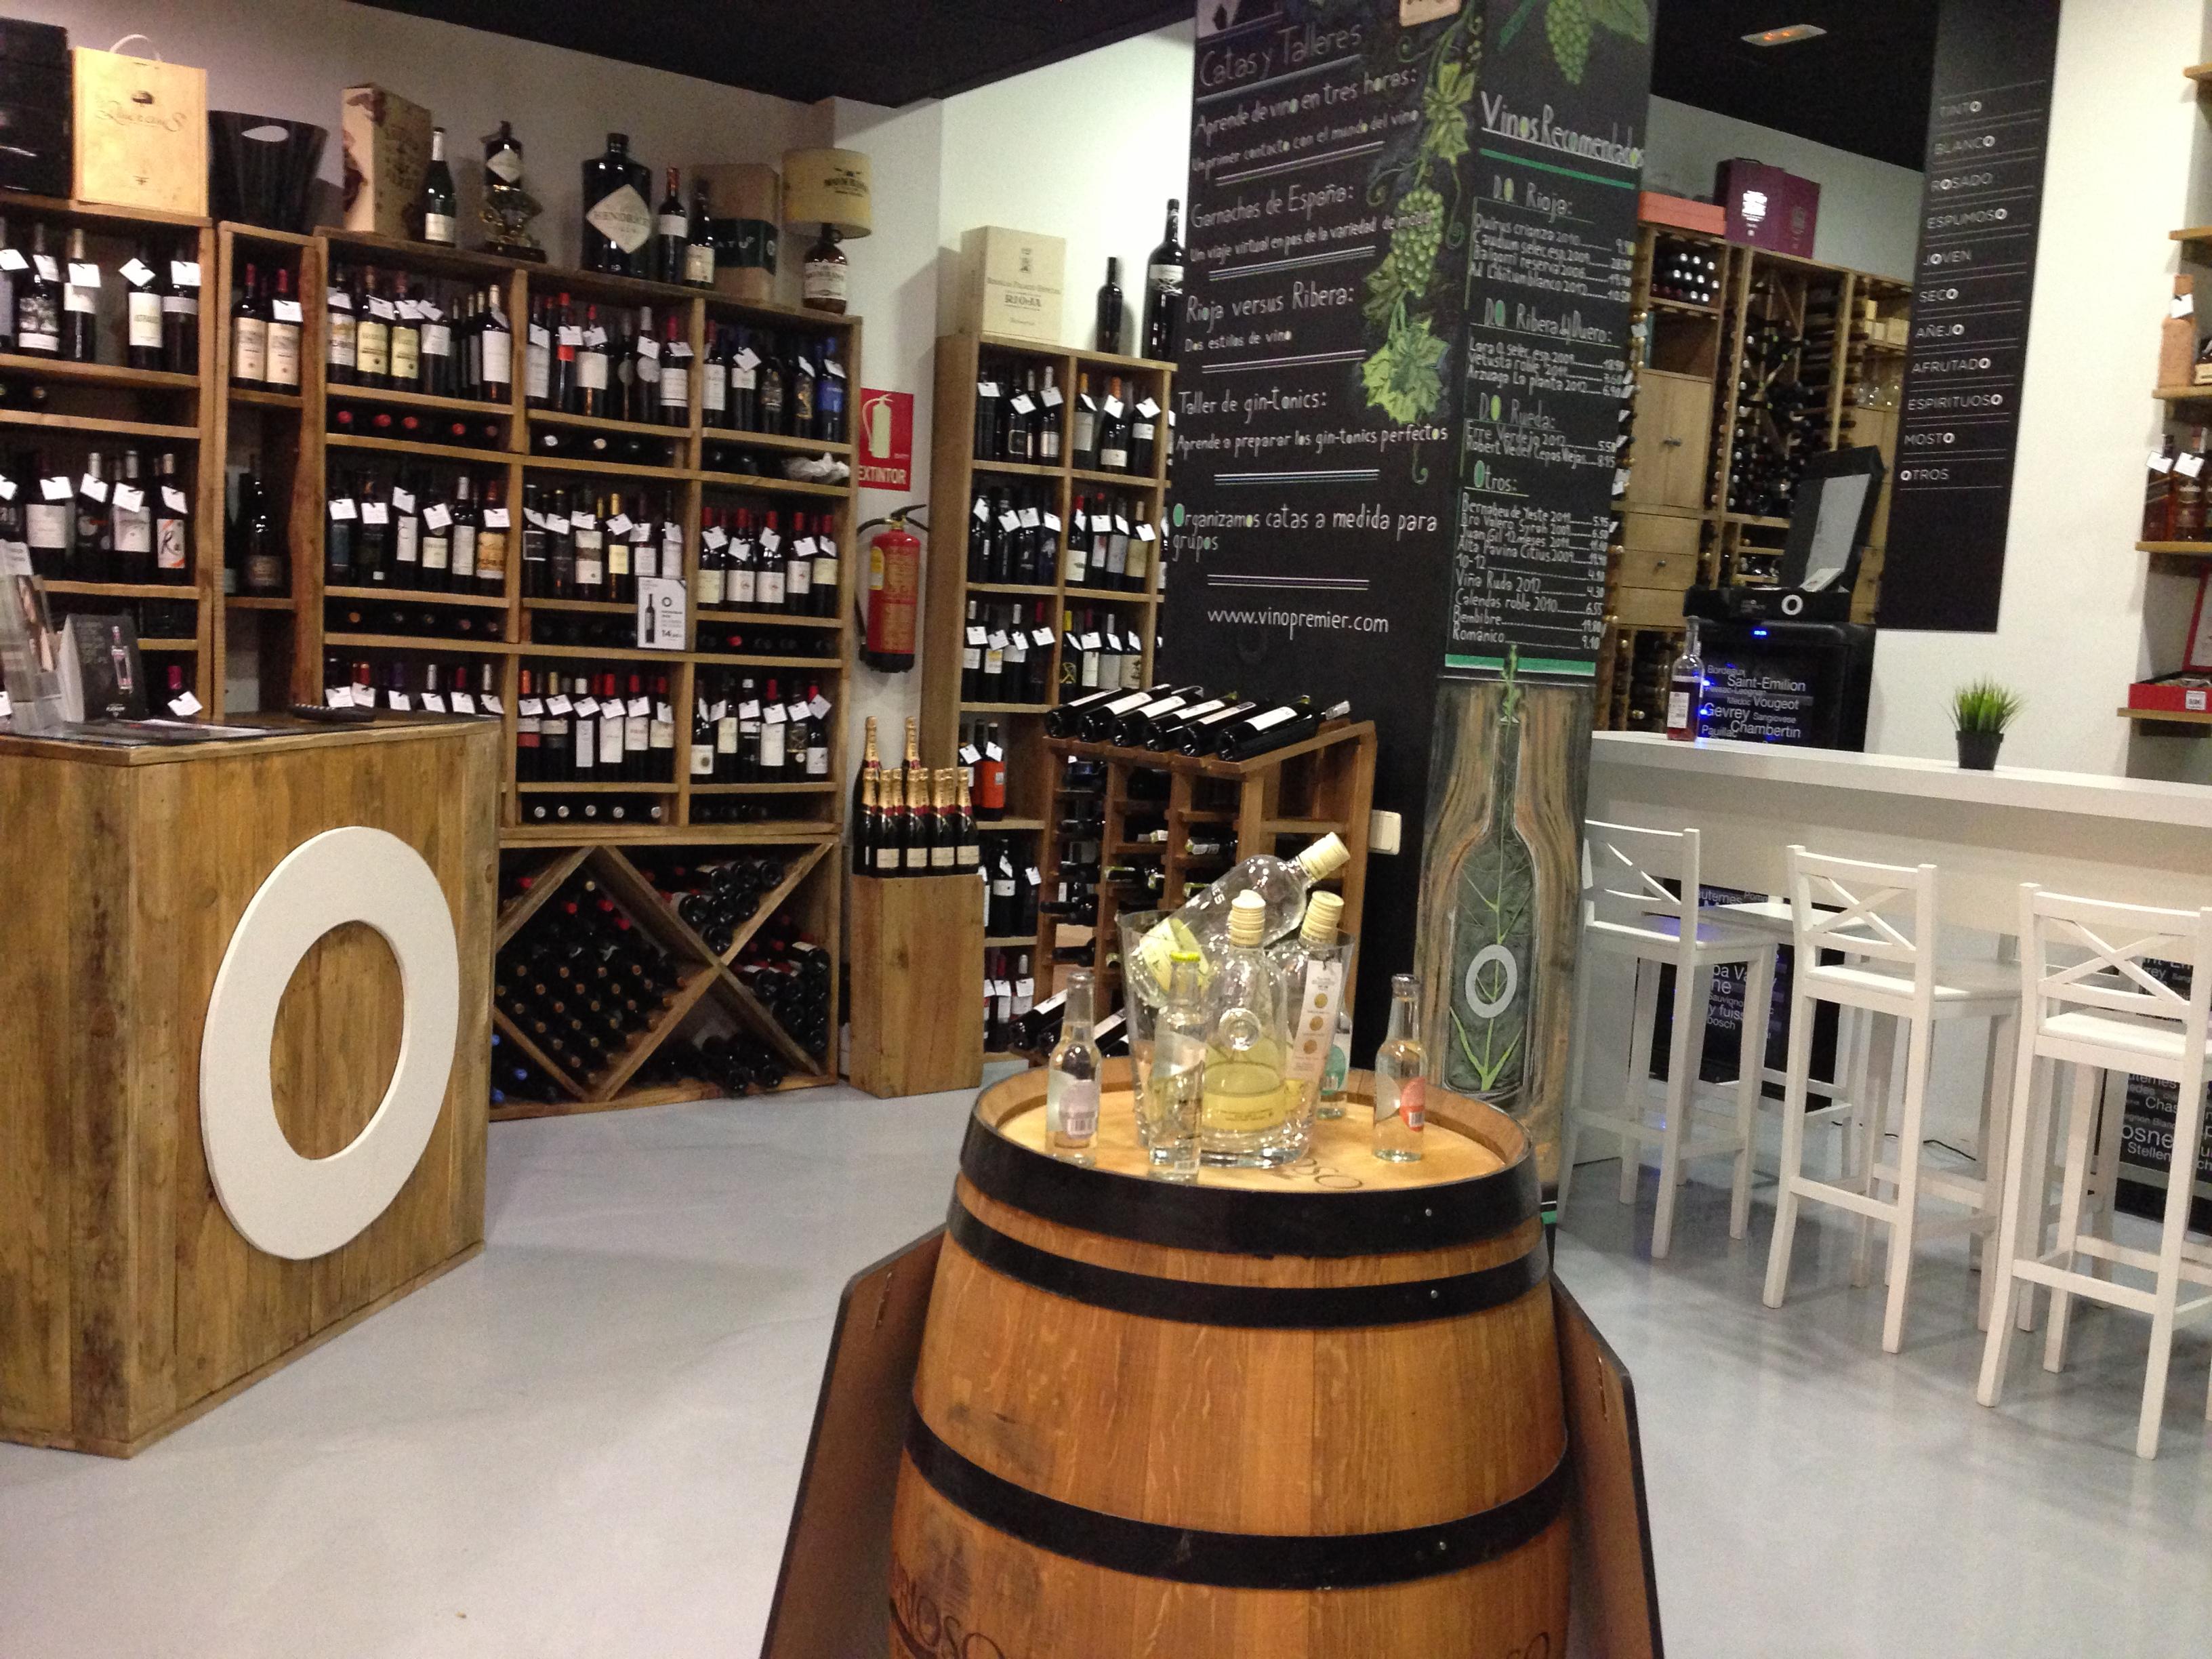 Ortega2 - Diseno de vinotecas ...